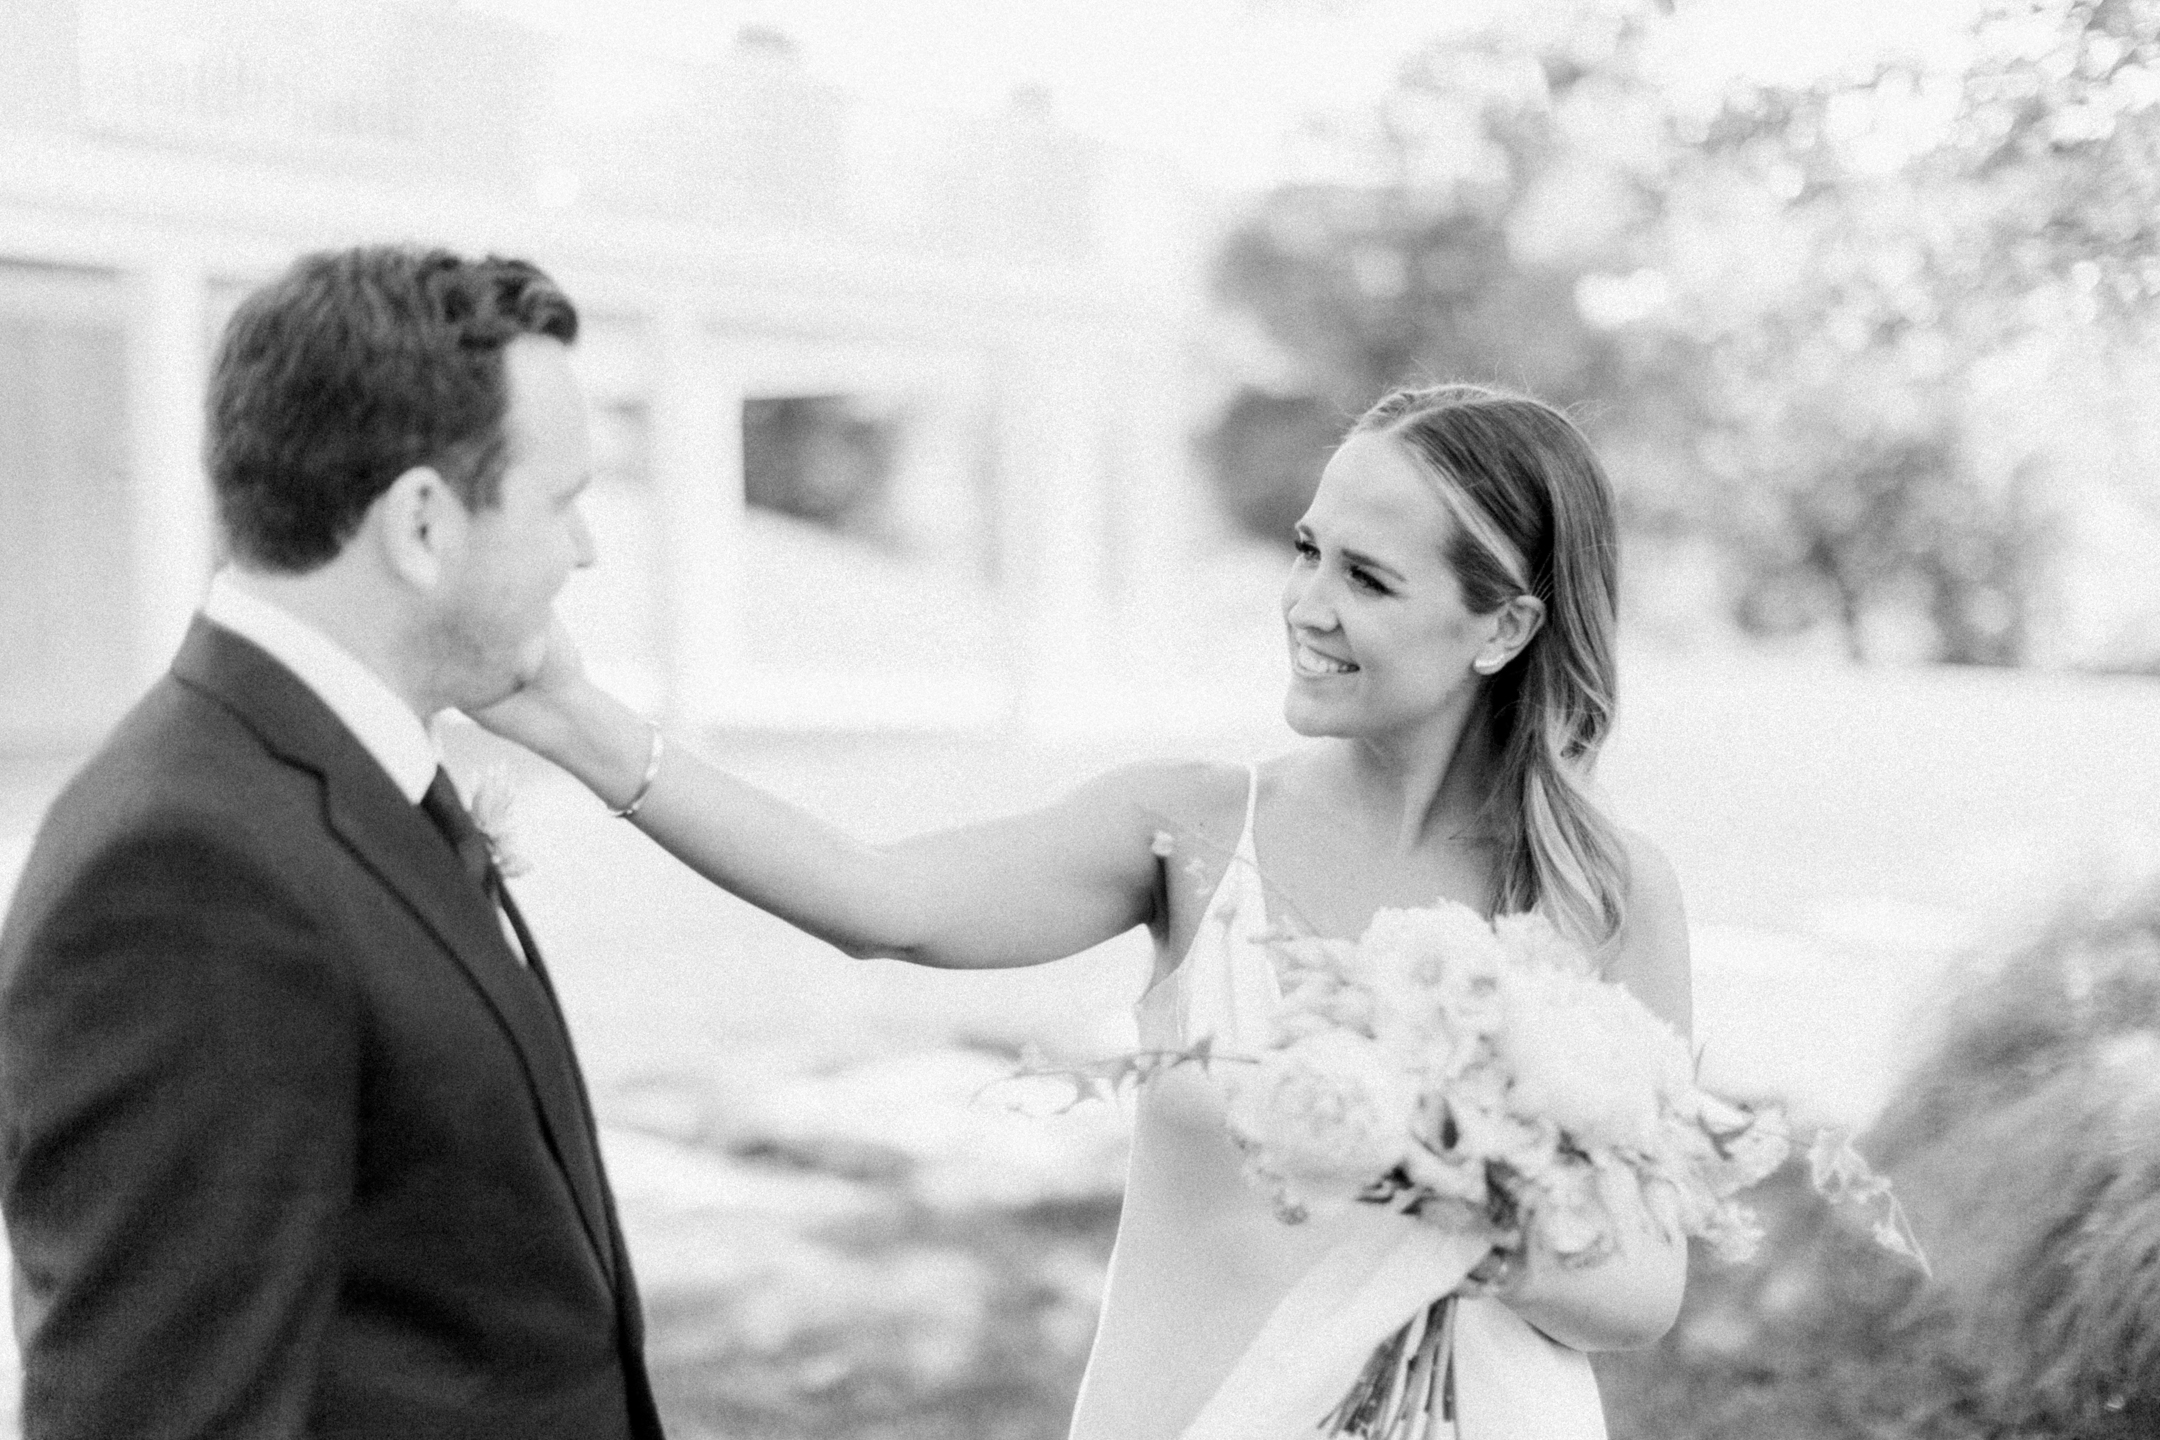 VIRGINIA + MAX'S WEDDING TEASERS